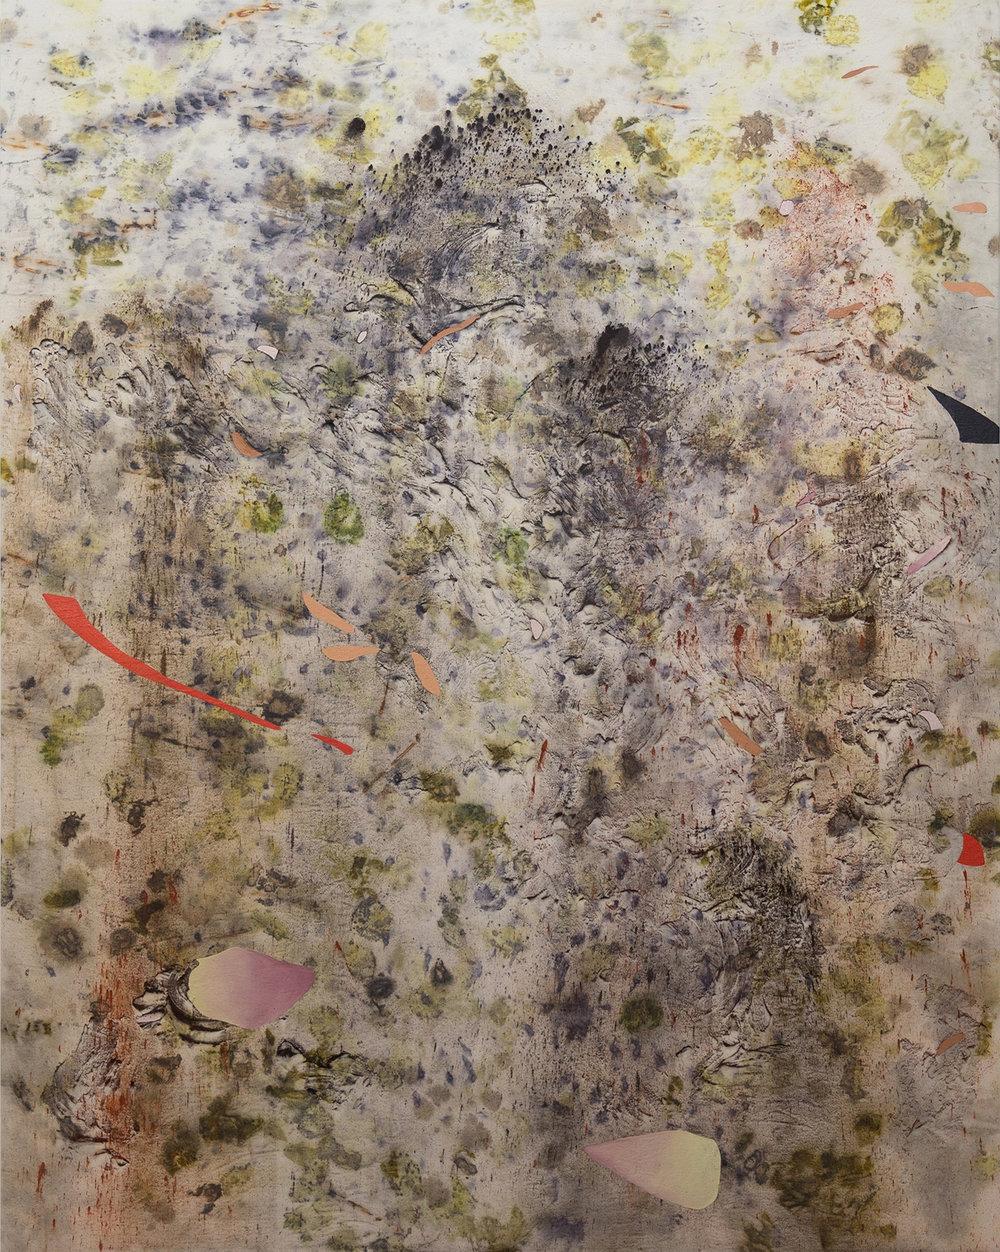 """Gillian King, Mourning Humuss,  2018, médium à cire froide, huile, pigments bruts et divers matériaux végétaux (gland, fosses d'avocat, baies de Sumac,pétales de roses, peaux d'oignon, fleurs de tanaisie, fleurs sauvages, et sédiments de rouille) sur toile, 152 x 122 cm (60"""" x 48"""")"""